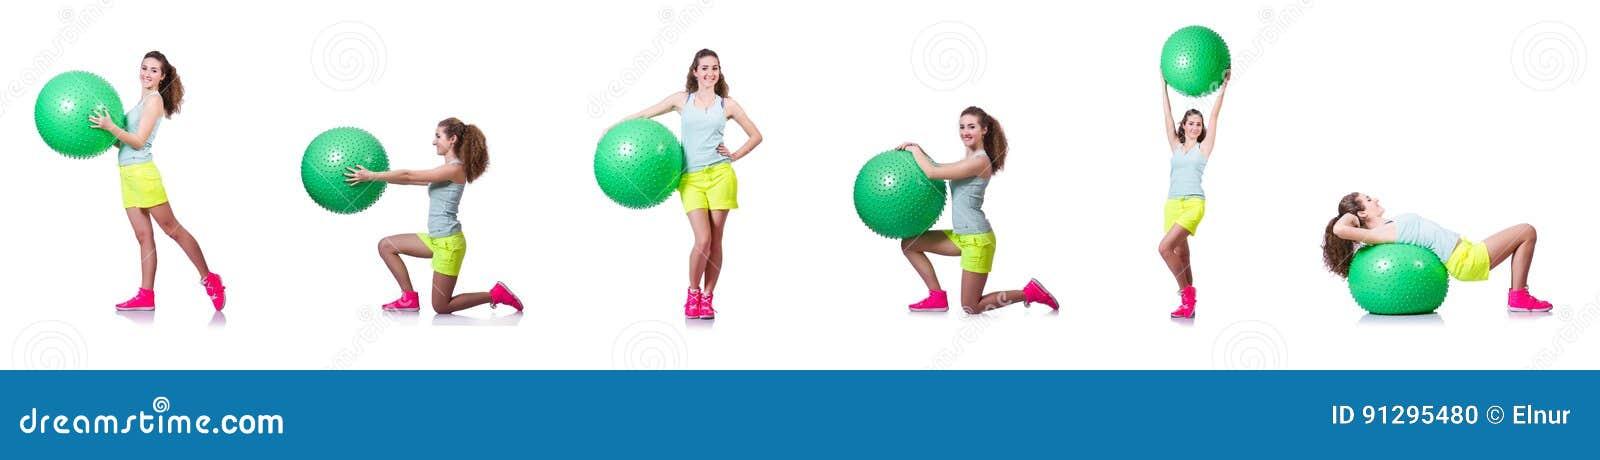 Die junge Frau mit Ball trainierend auf Weiß